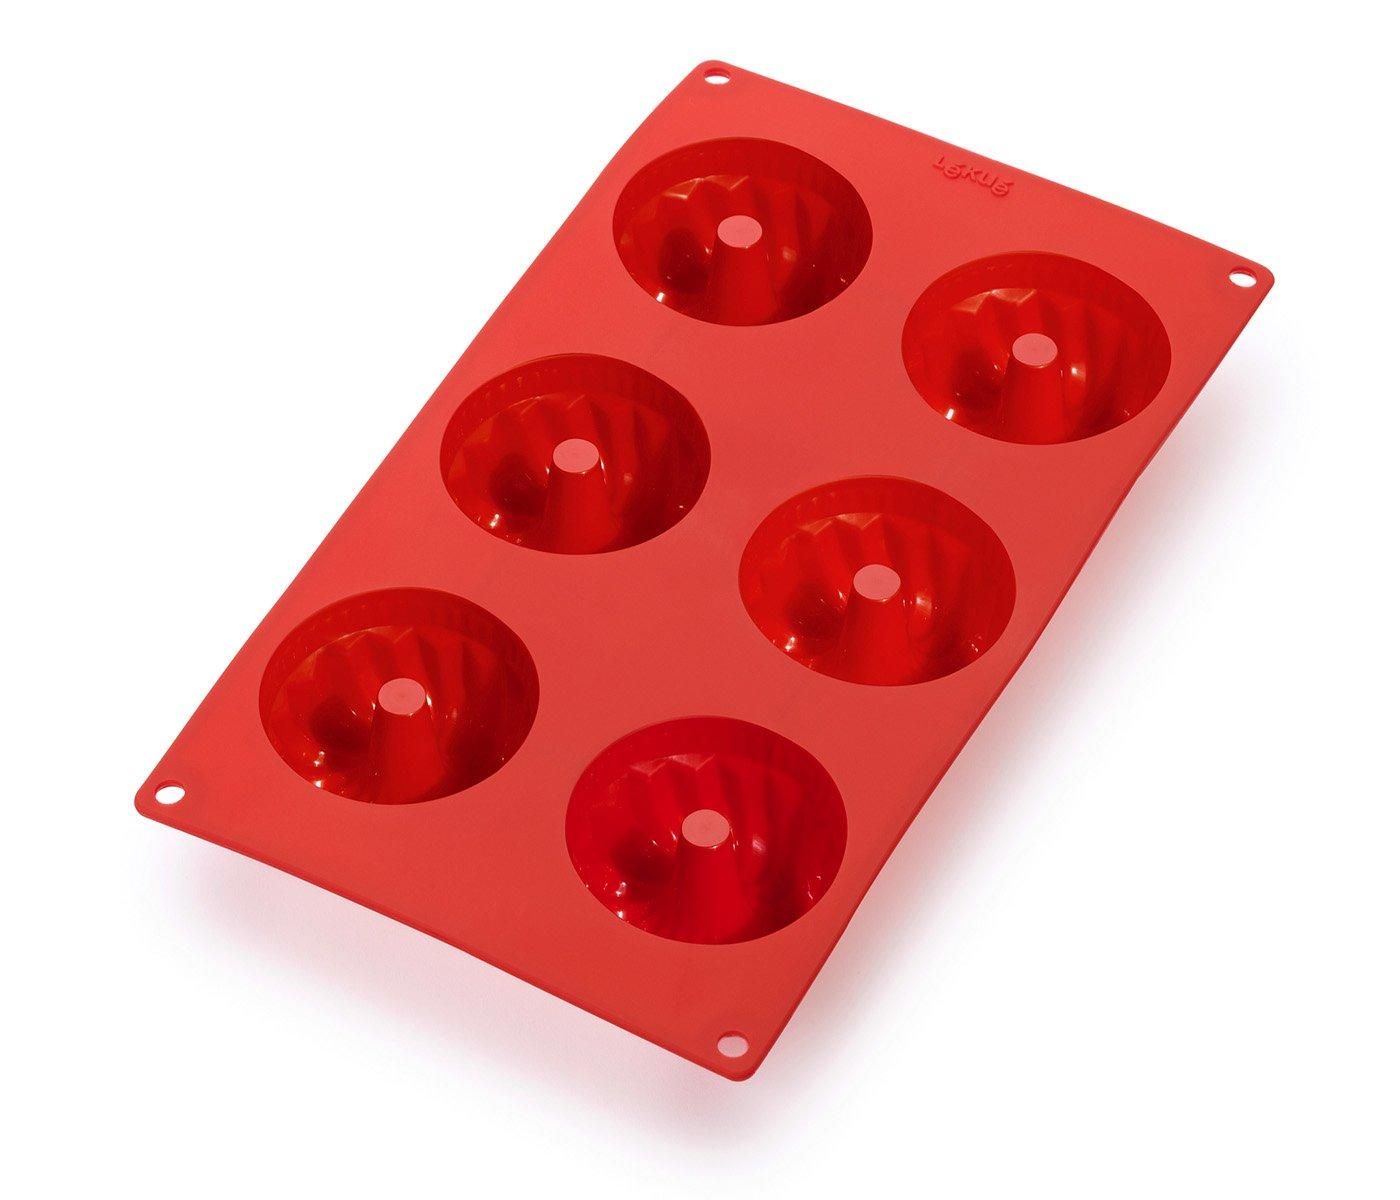 Lekue 6 Cavities Savarin Mini Multi Cavity Baking Mold, Red